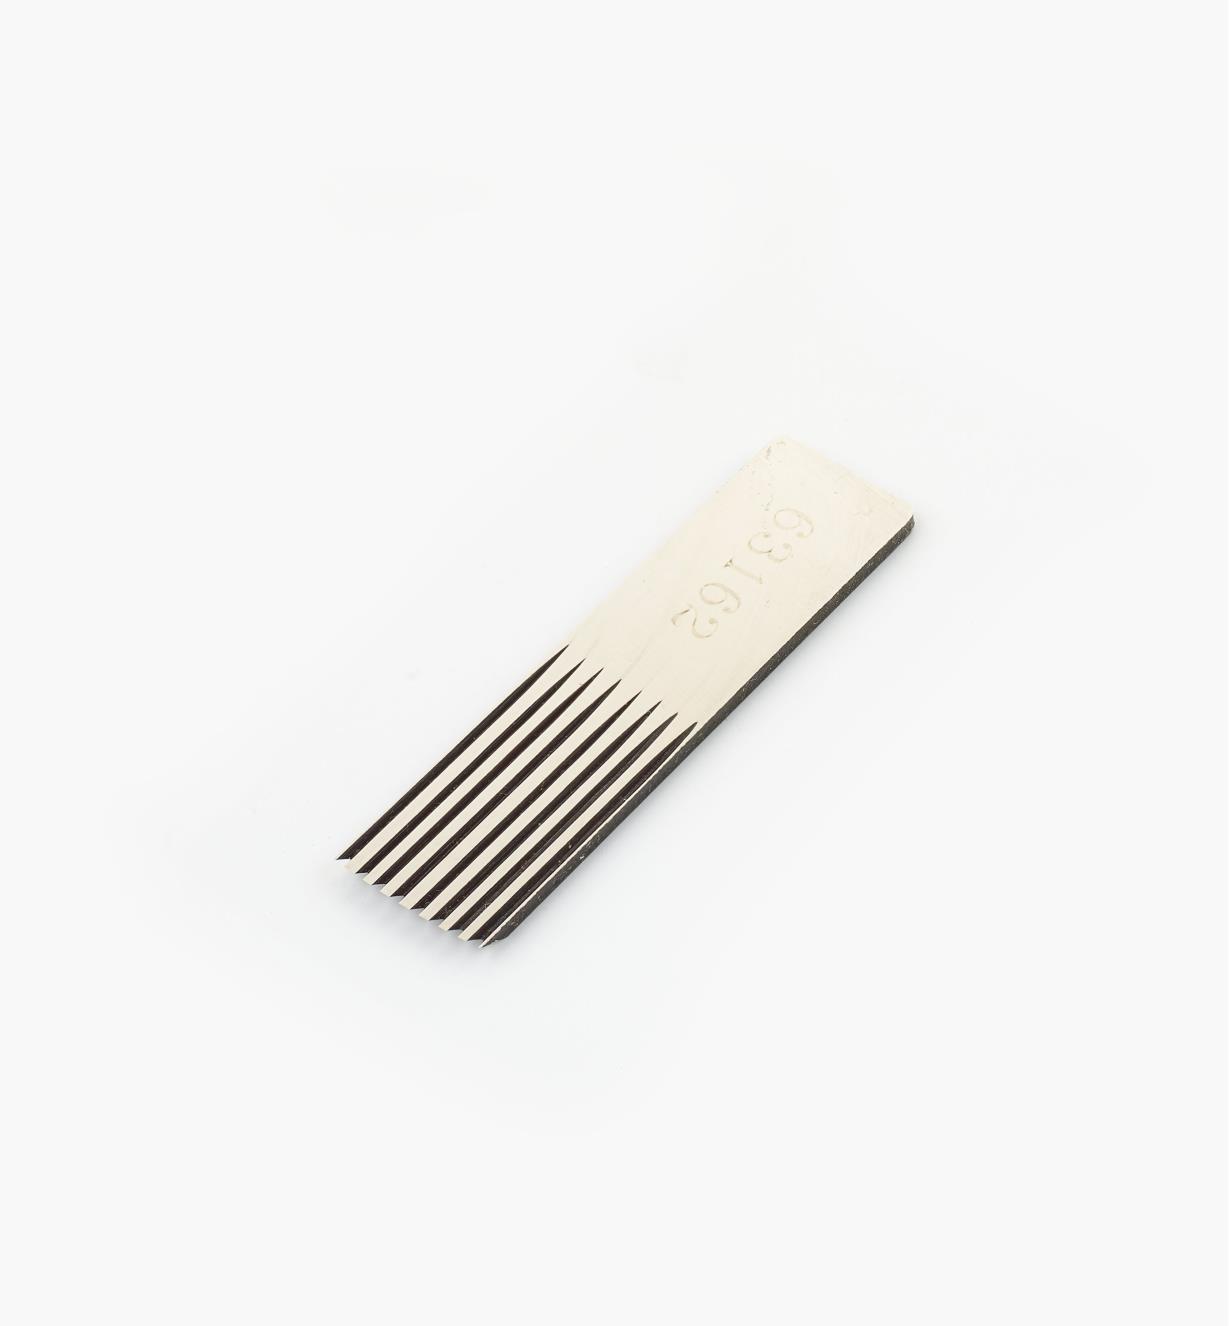 55P1104 - Lame de remplacement dentée, 10mm